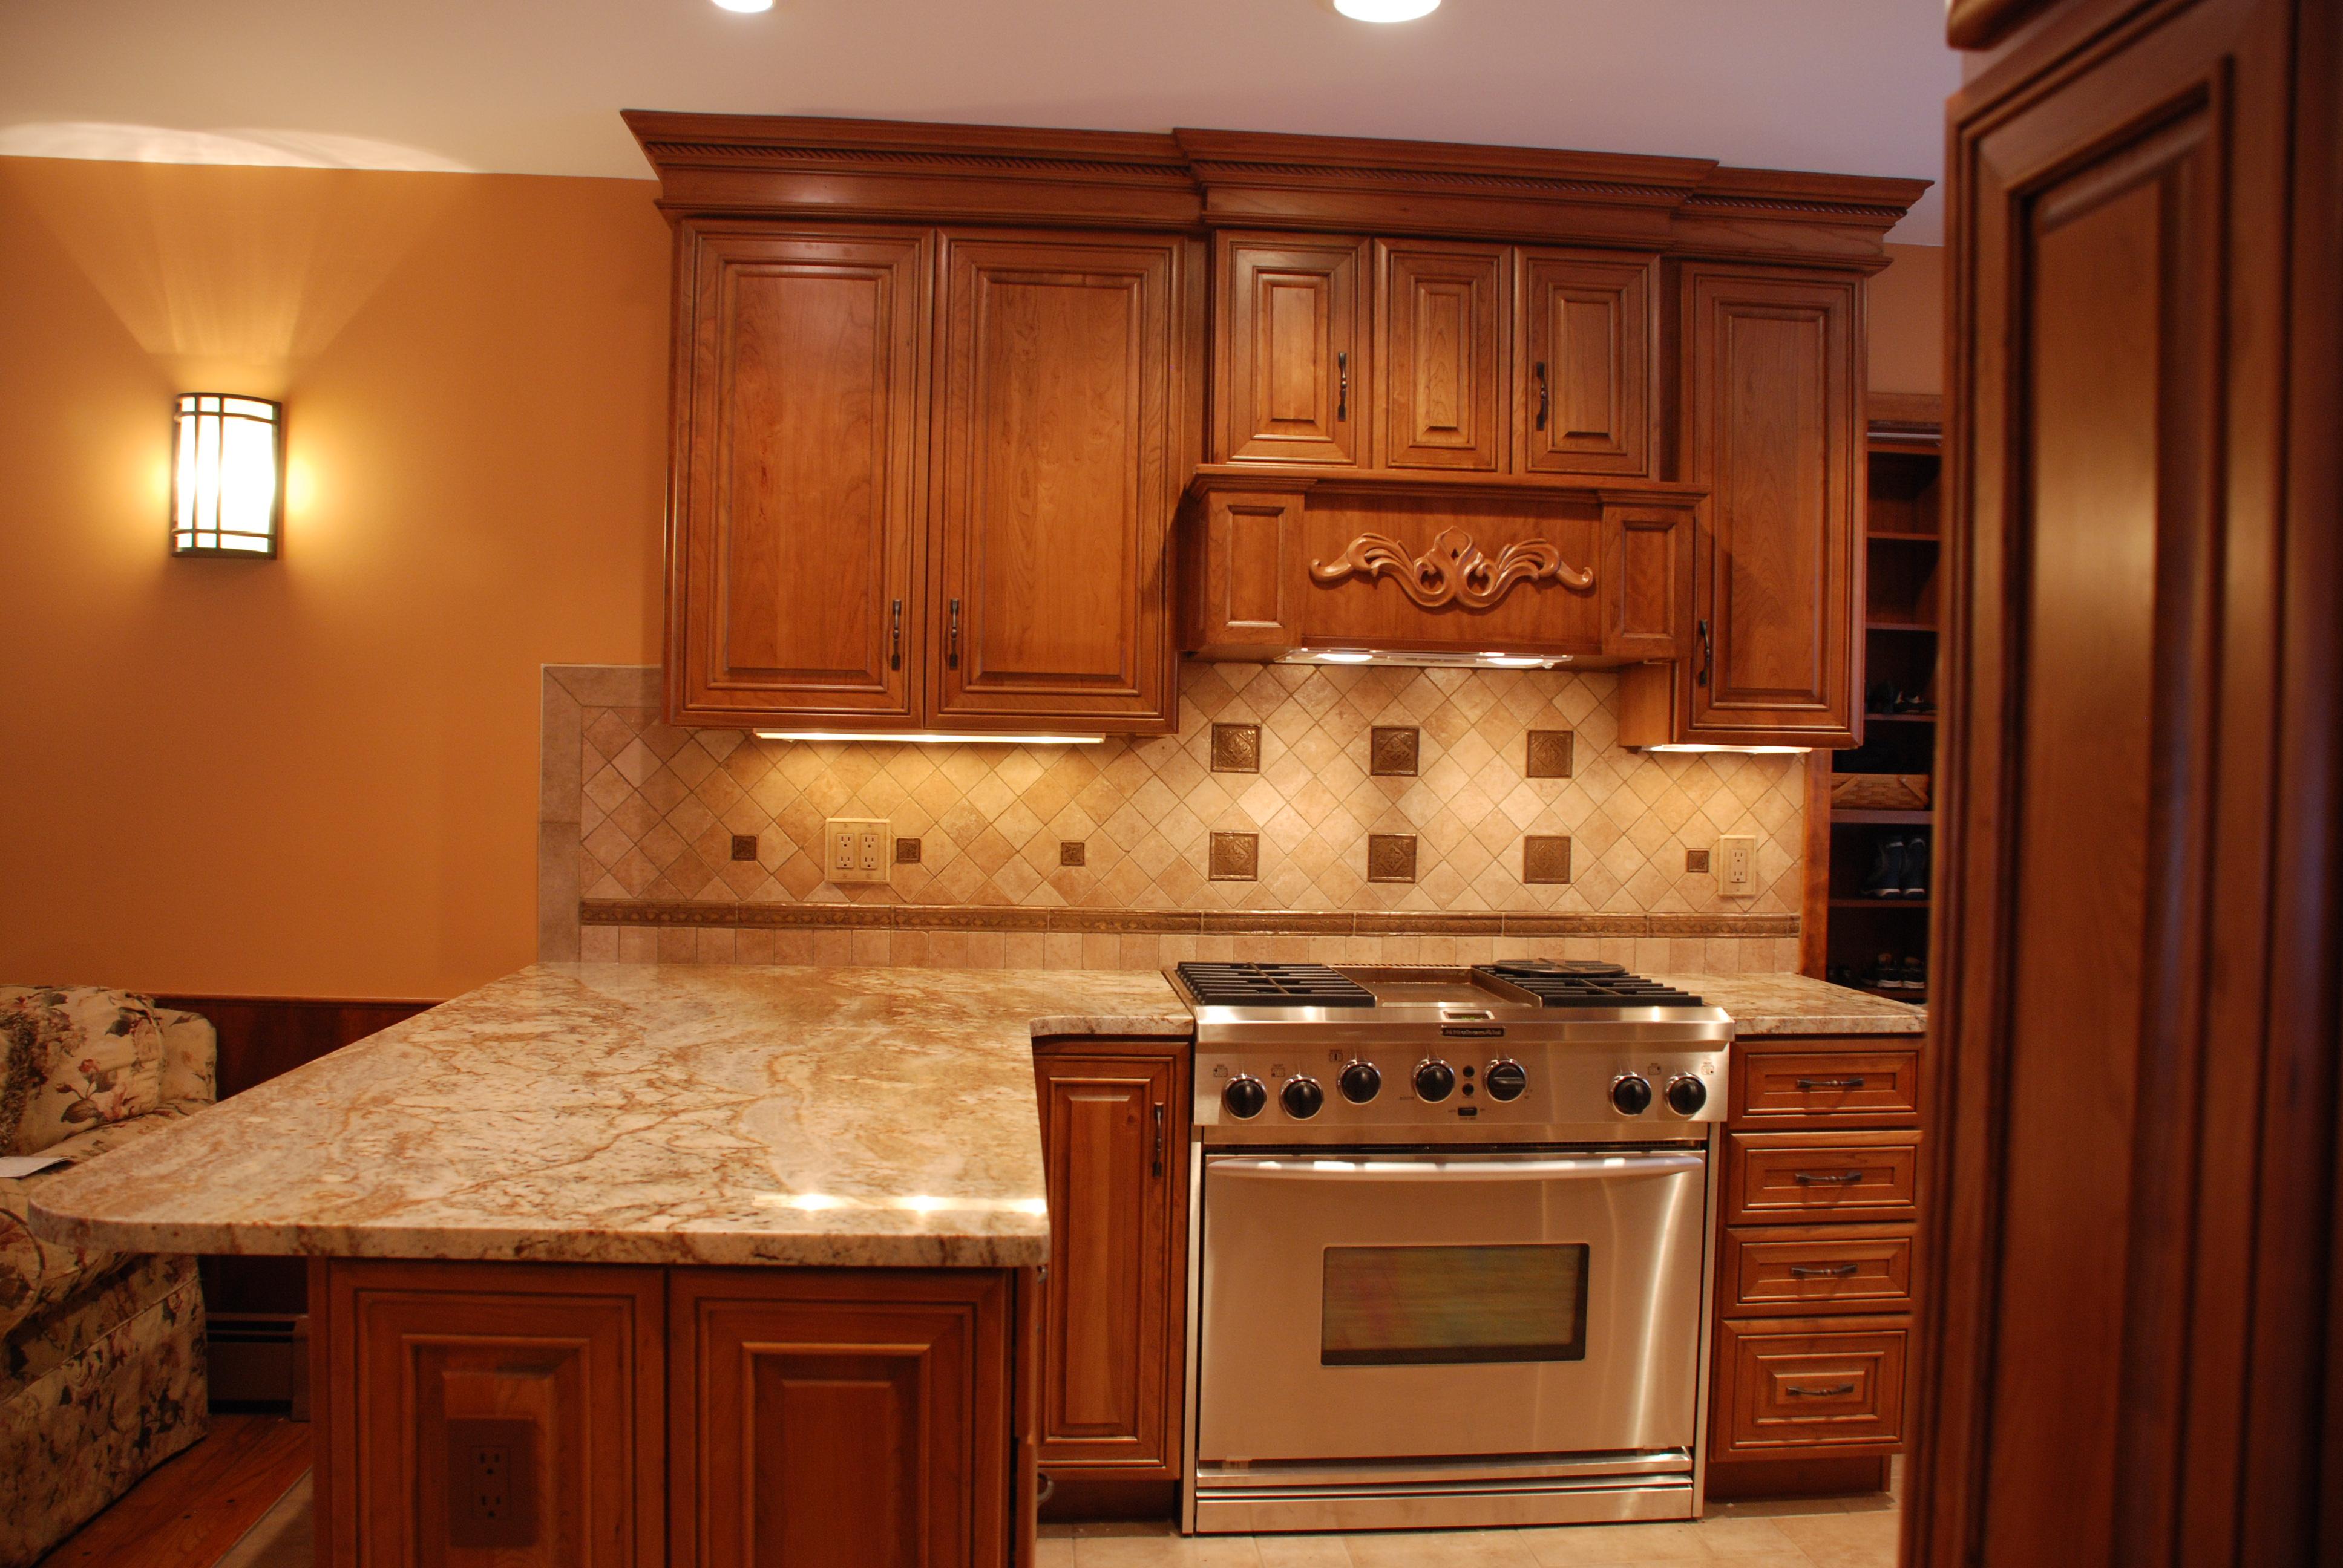 undercabinetlightingshop under cabinet kitchen lighting Xenon Under Cabinet Lighting